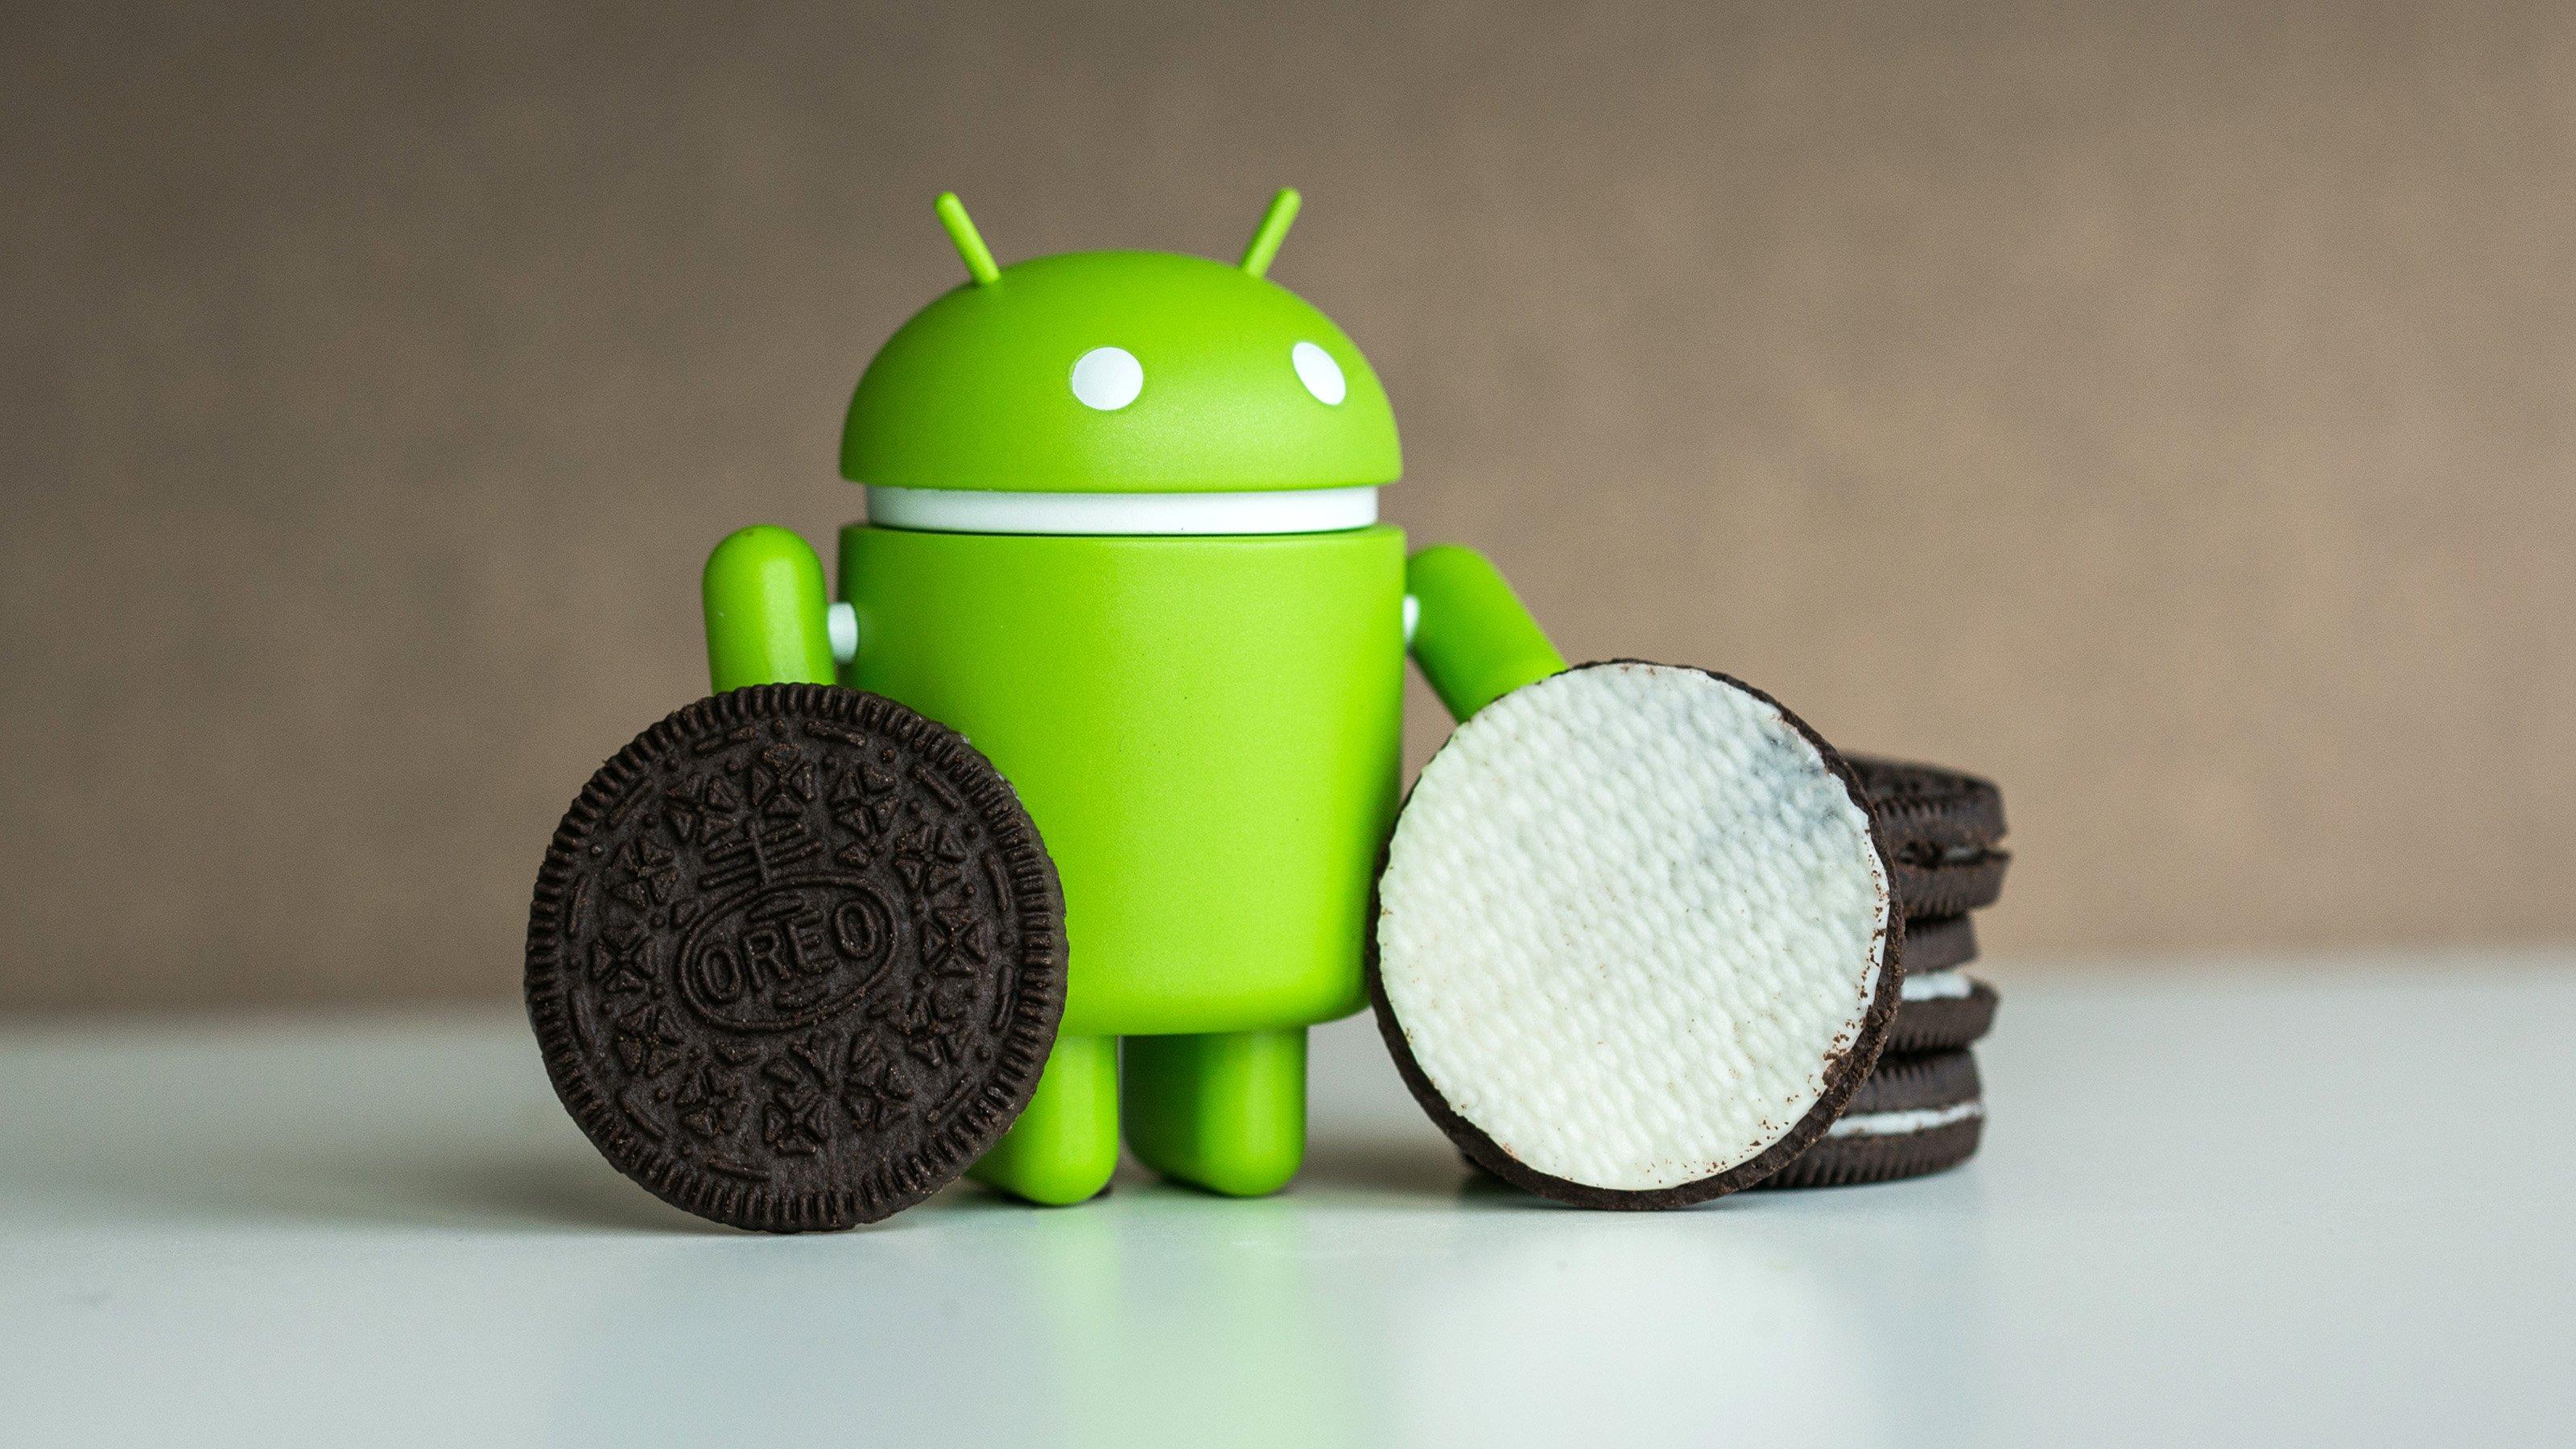 3 actualités qui ont marqué la semaine : Oreo, Samsung Galaxy Note 8 et les watermarks enlevés par Google